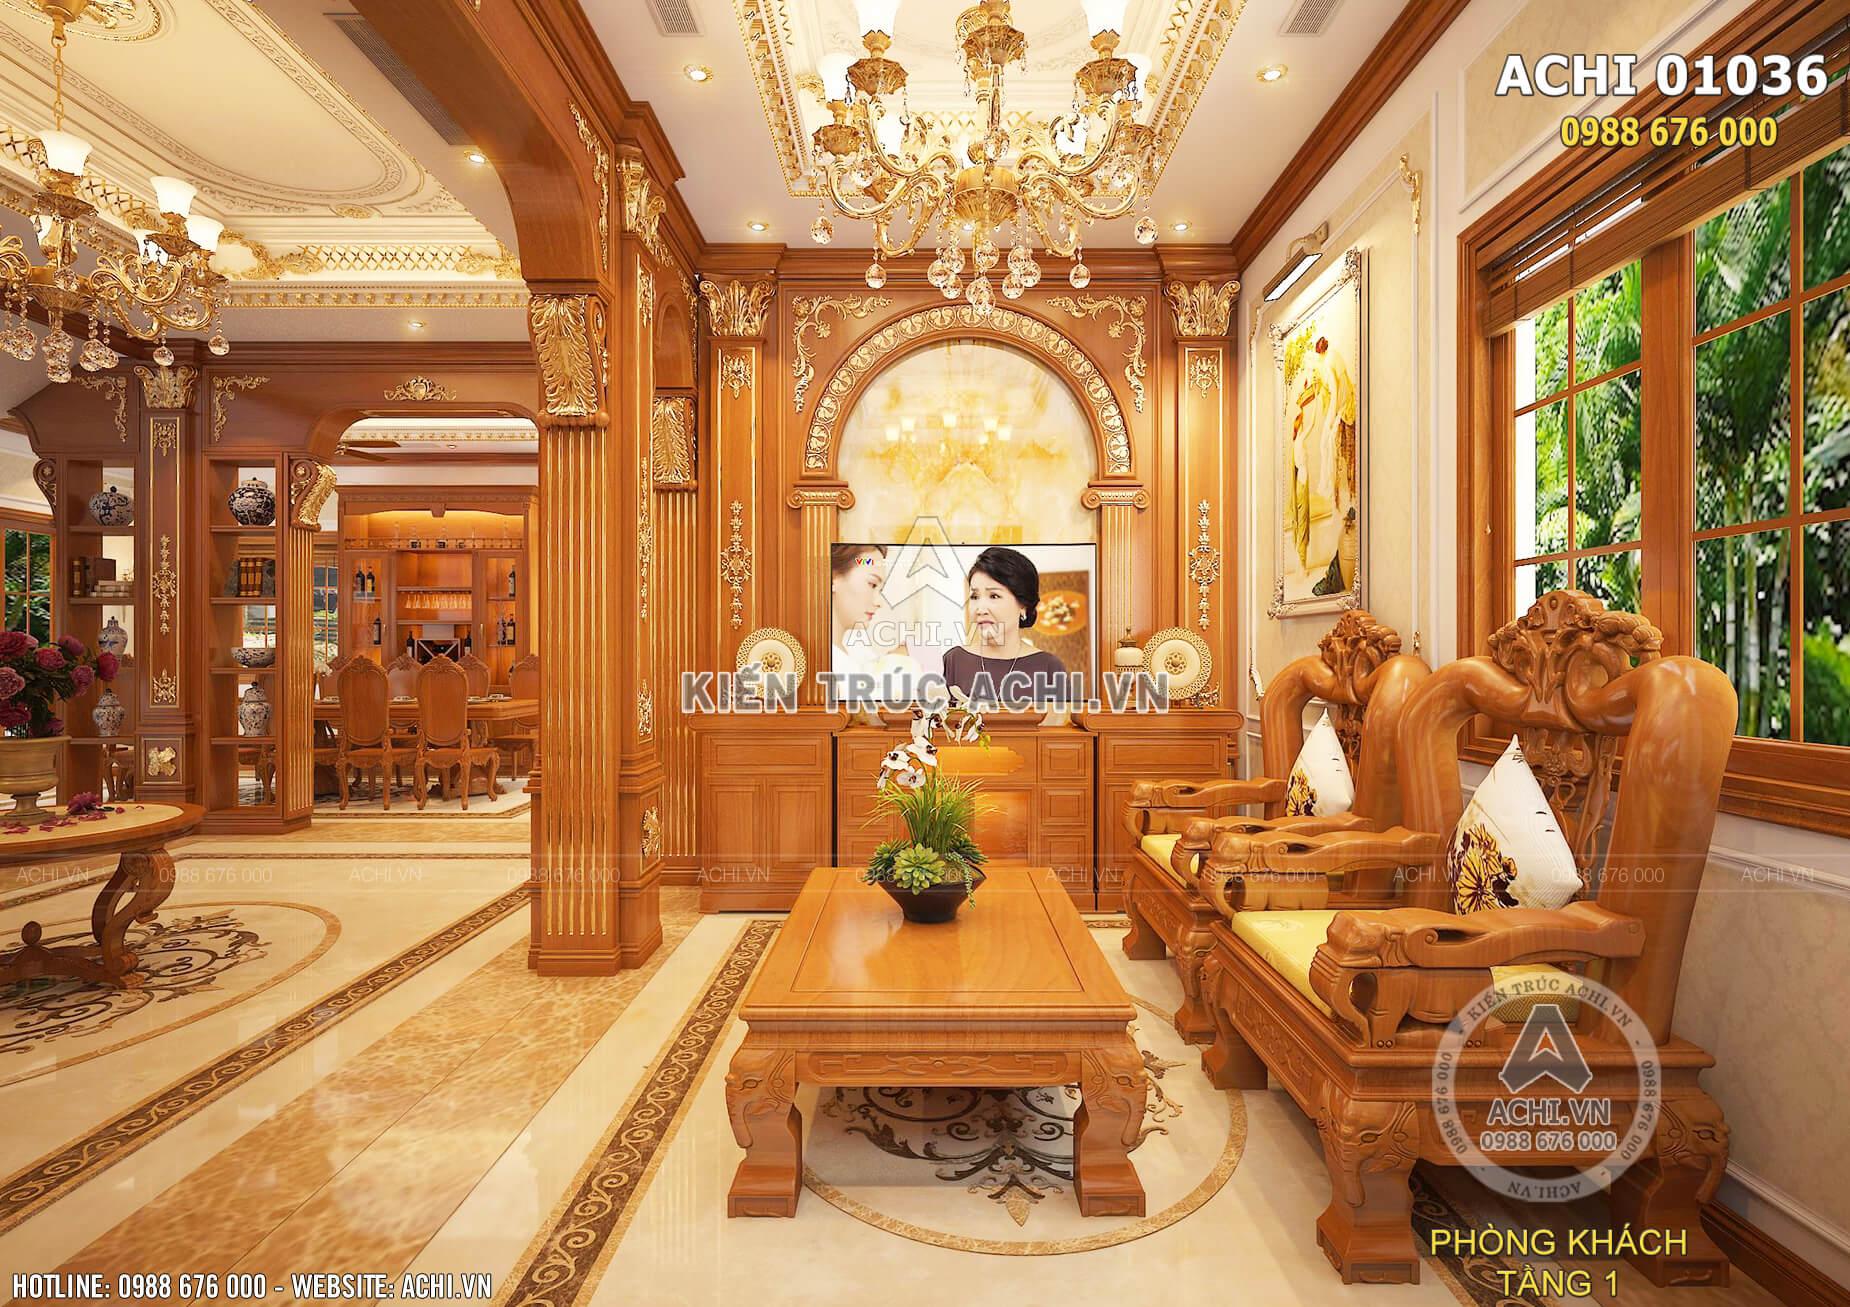 Thiết kế nội thất tân cổ điển đẹp sang trọng đẳng cấp – ACHI 01036